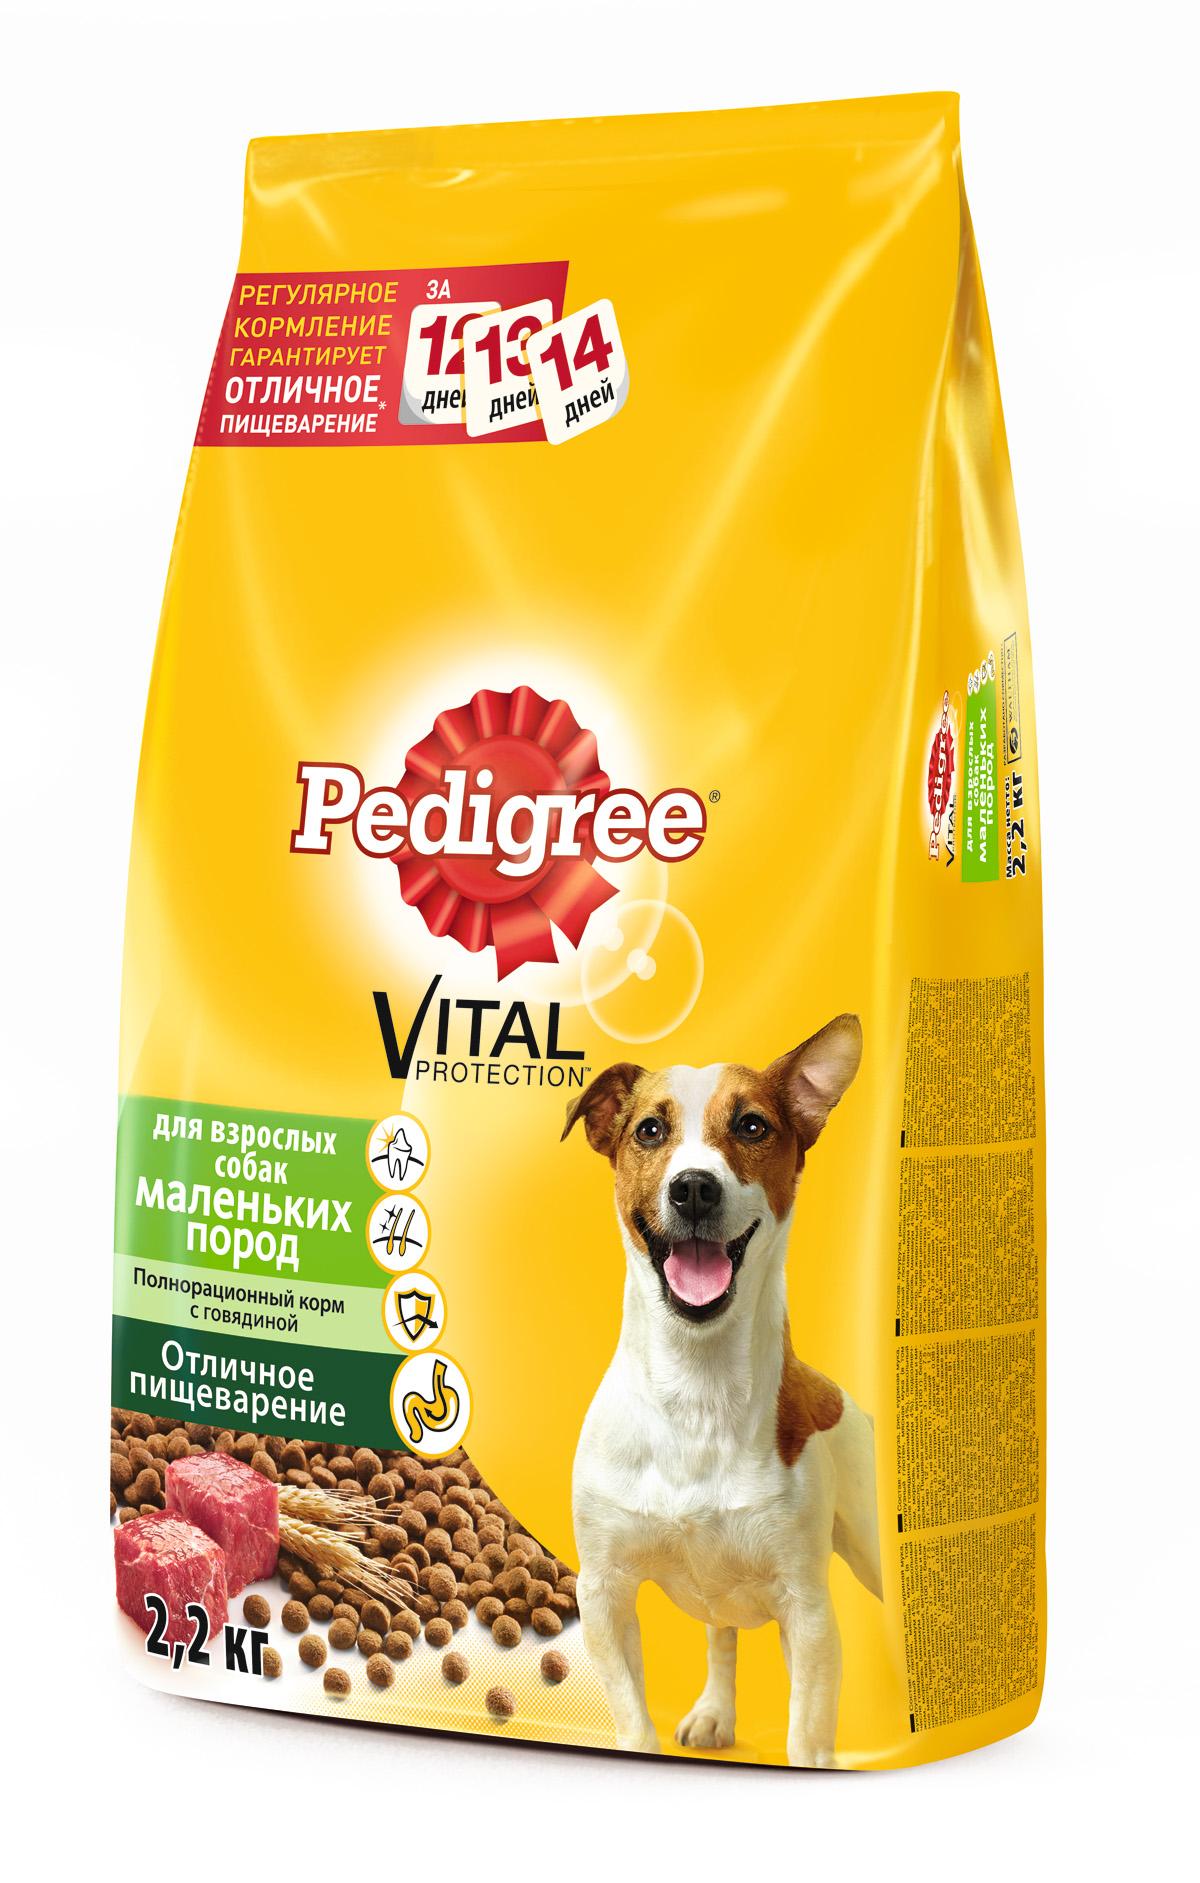 Корм сухой Pedigree для взрослых собак маленьких пород, с говядиной, 2,2 кг37966Сухой корм Pedigree для взрослых собак весом меньше 15 кг - этополнорационный корм с говядиной, который предназначен для взрослых собак маленьких и карликовых пород. Он состоит из качественных инатуральных ингредиентов: мяса, овощей, злаков. Корм способствуетздоровому росту и гармоничному развитию вашего питомца. Он создан с учетомособенностей пищеварения собаки, легко усваивается и обеспечиваетправильную работу желудочно-кишечного тракта. Состав: кукуруза, рис, пшеница, куриная мука, мясная мука (в том числе говядинаминимум 4%), свекольный жом, подсолнечное масло, жир животный, пивныедрожжи, витамины и минералы. Пищевая ценность (100 г): белки 21 г, жиры 14 г, зола 7 г, клетчатка 4 г,влажность не более 10 г, кальций 1,3 г, фосфор 0,8 г, натрий 0,3 г, калий 0,58 г,магний 0,1 г, цинк 20 г, медь 1,5 г, витамин А 1500 МЕ, витамин Е 20 мг, витаминD3 120 МЕ, витамины B1, B2, B4, B5, B12, ниацин, омега-6, омега-3,полиненасыщенные жирные кислоты. Энергетическая ценность (100 г): 365 ккал. Вес: 2,2 кг. Товар сертифицирован.